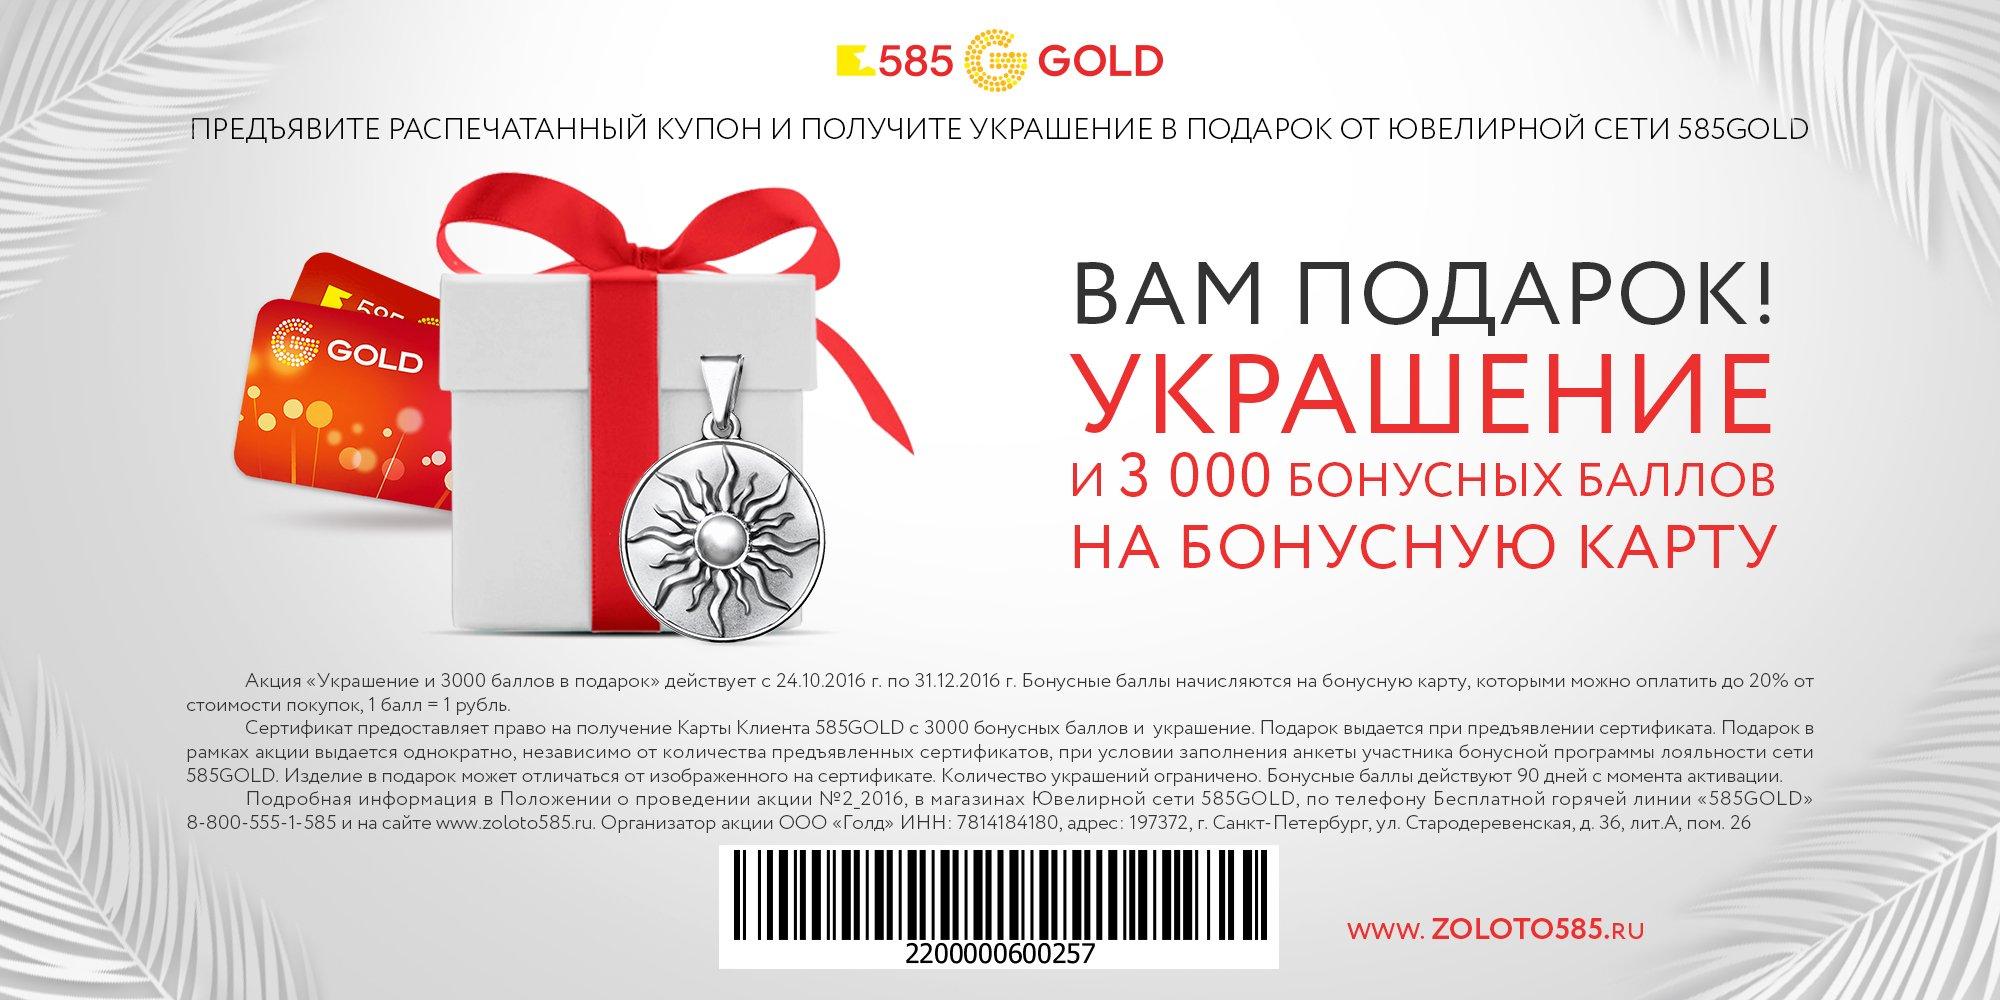 Скидка 500 руб. по промокоду подарок при заказе 83